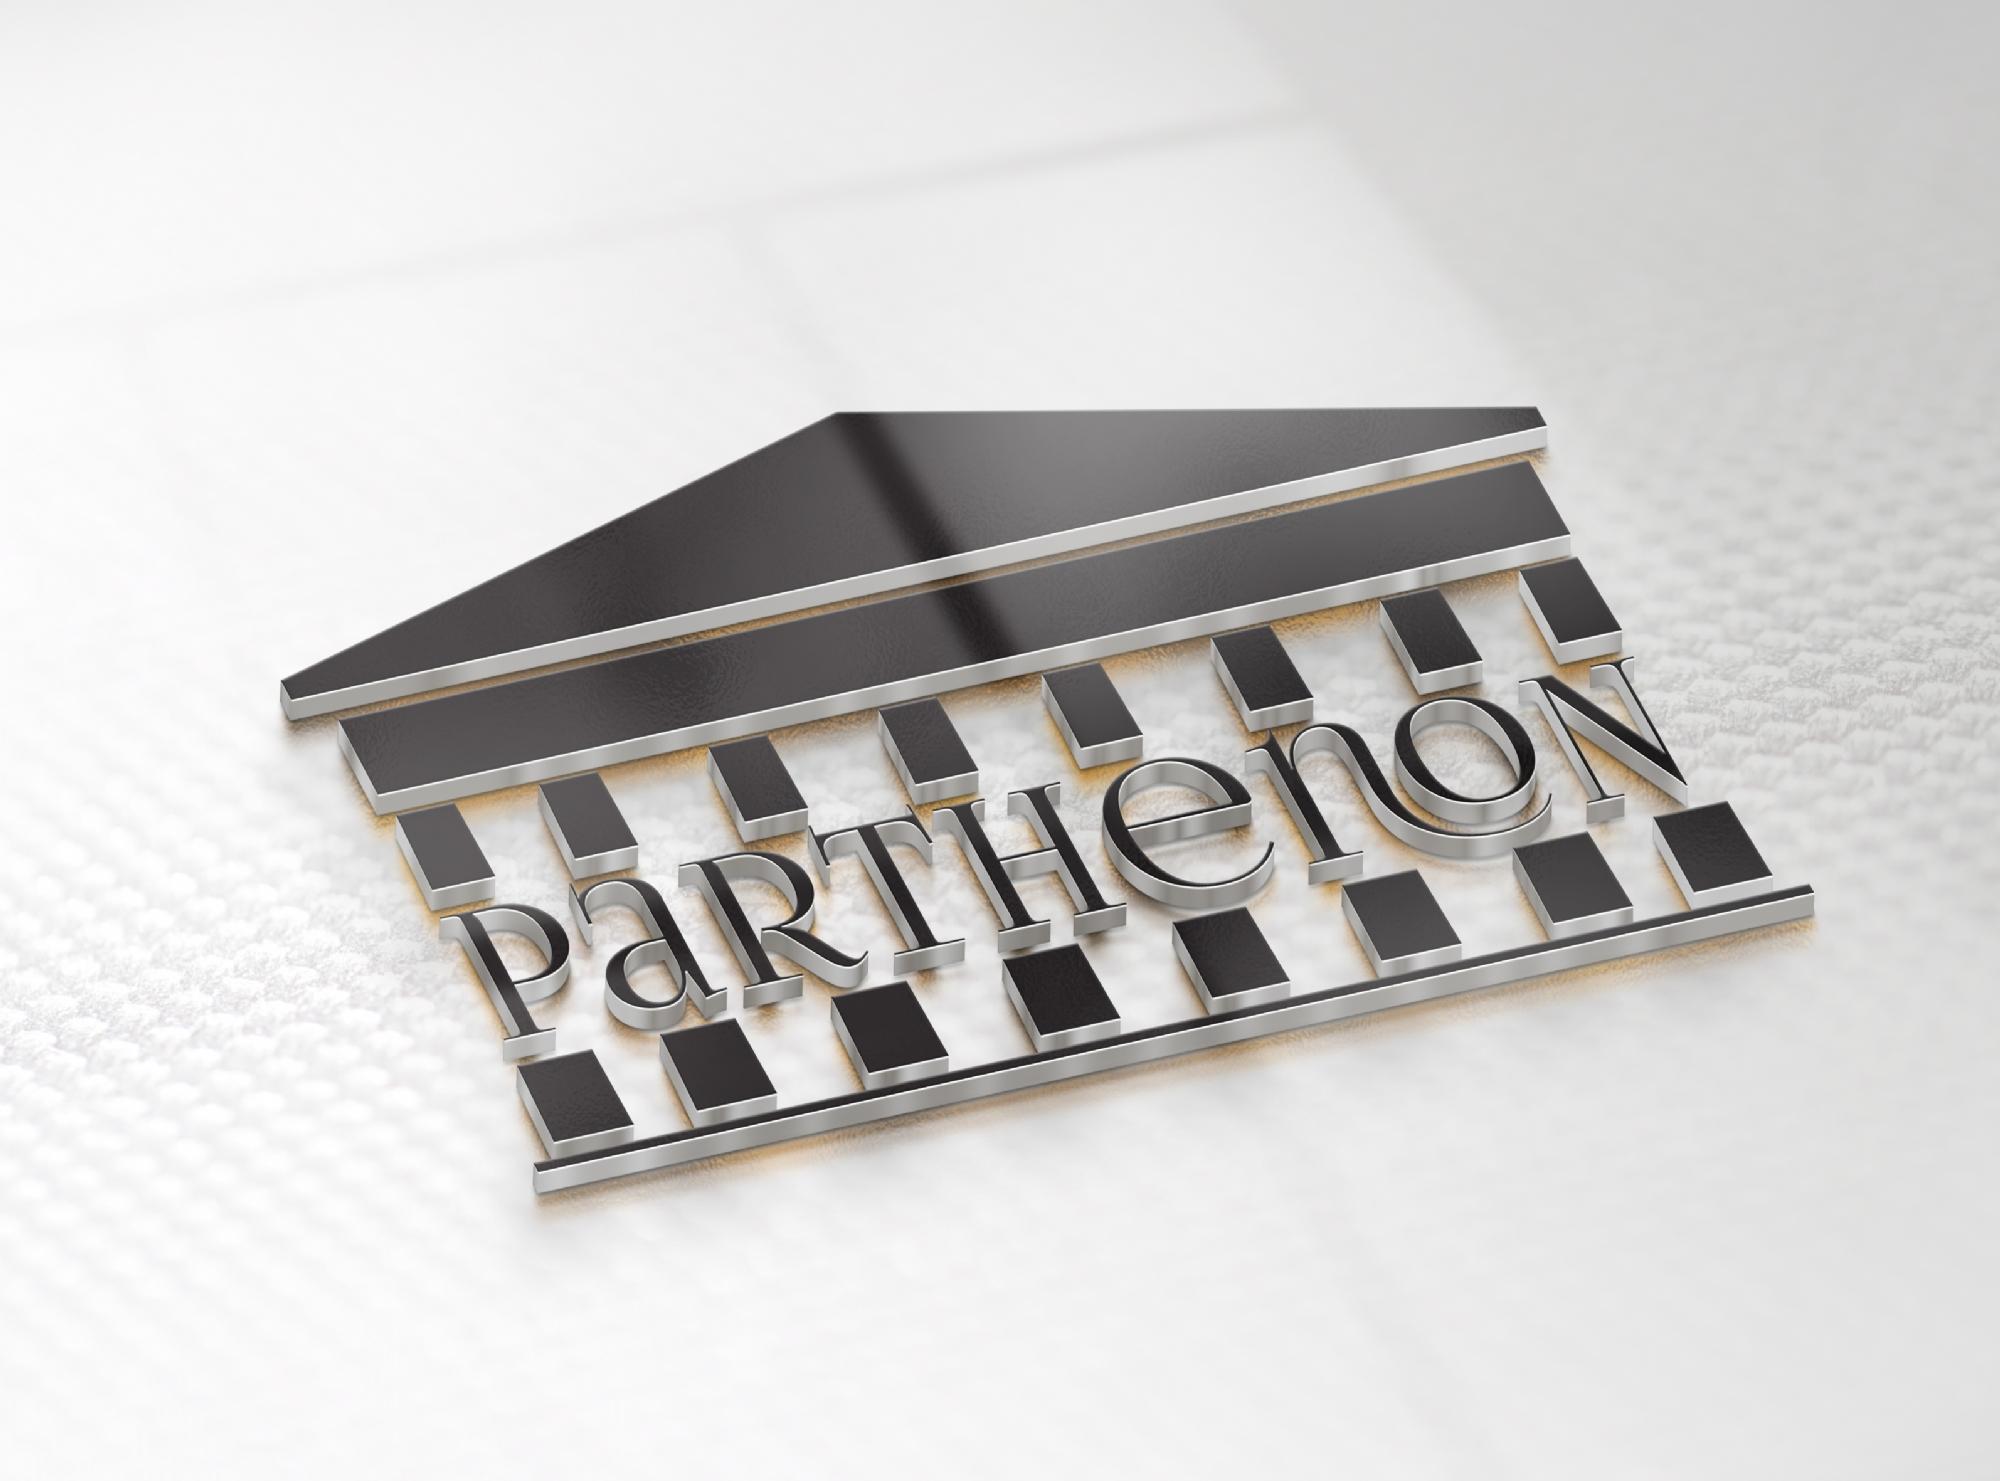 Parthenon Textile Mersin TURKEY, Parthenon Tekstil Ürünleri San. ve Tic. LTD. ŞTİ.